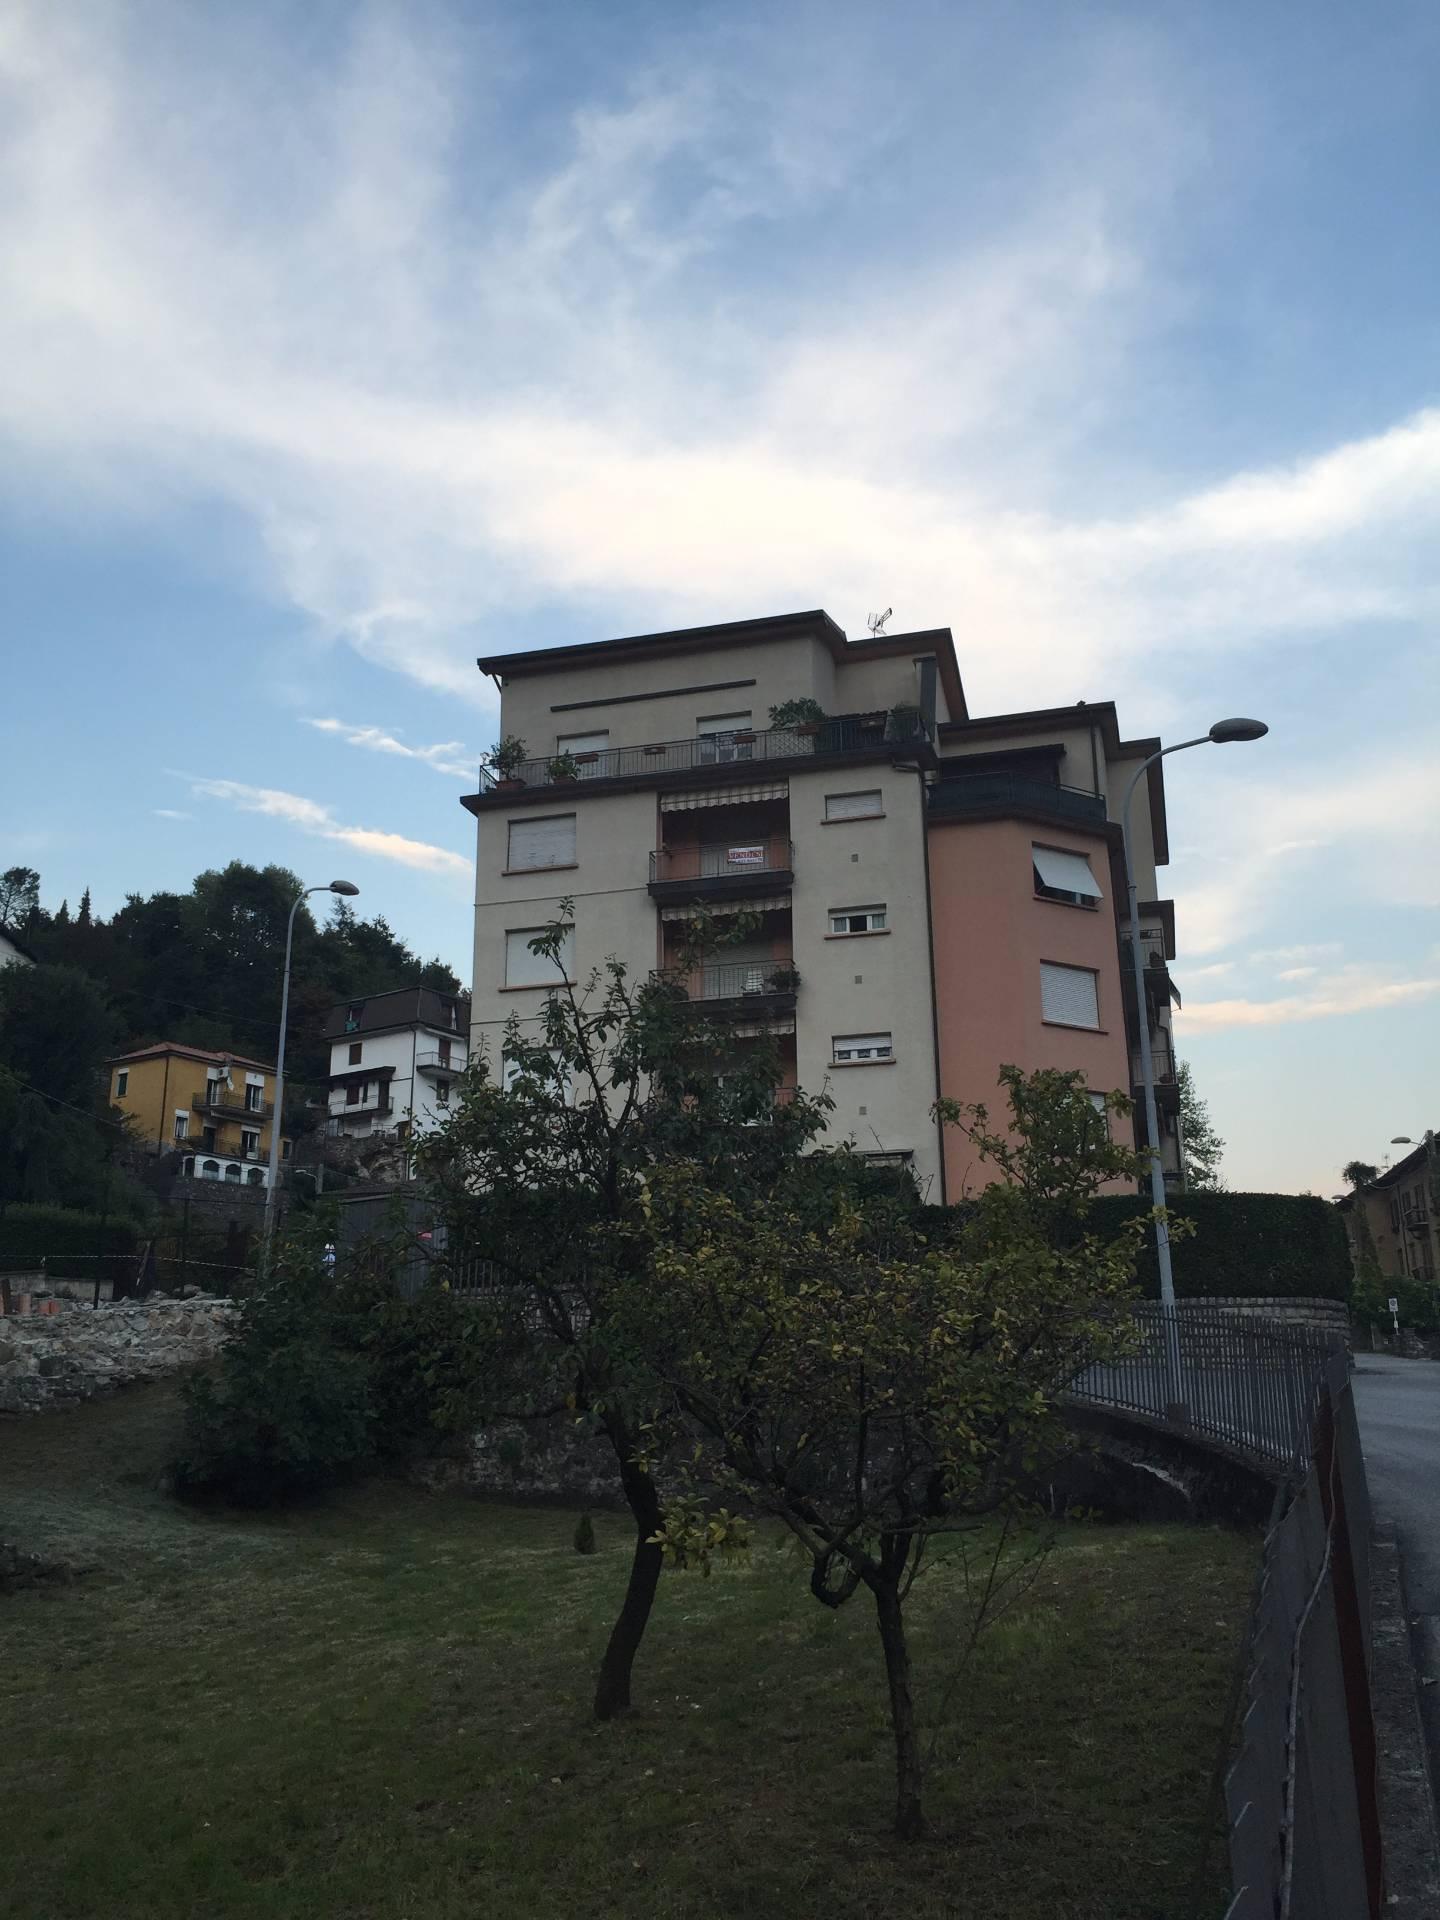 Appartamento in vendita a Caslino d'Erba, 5 locali, prezzo € 80.000 | CambioCasa.it